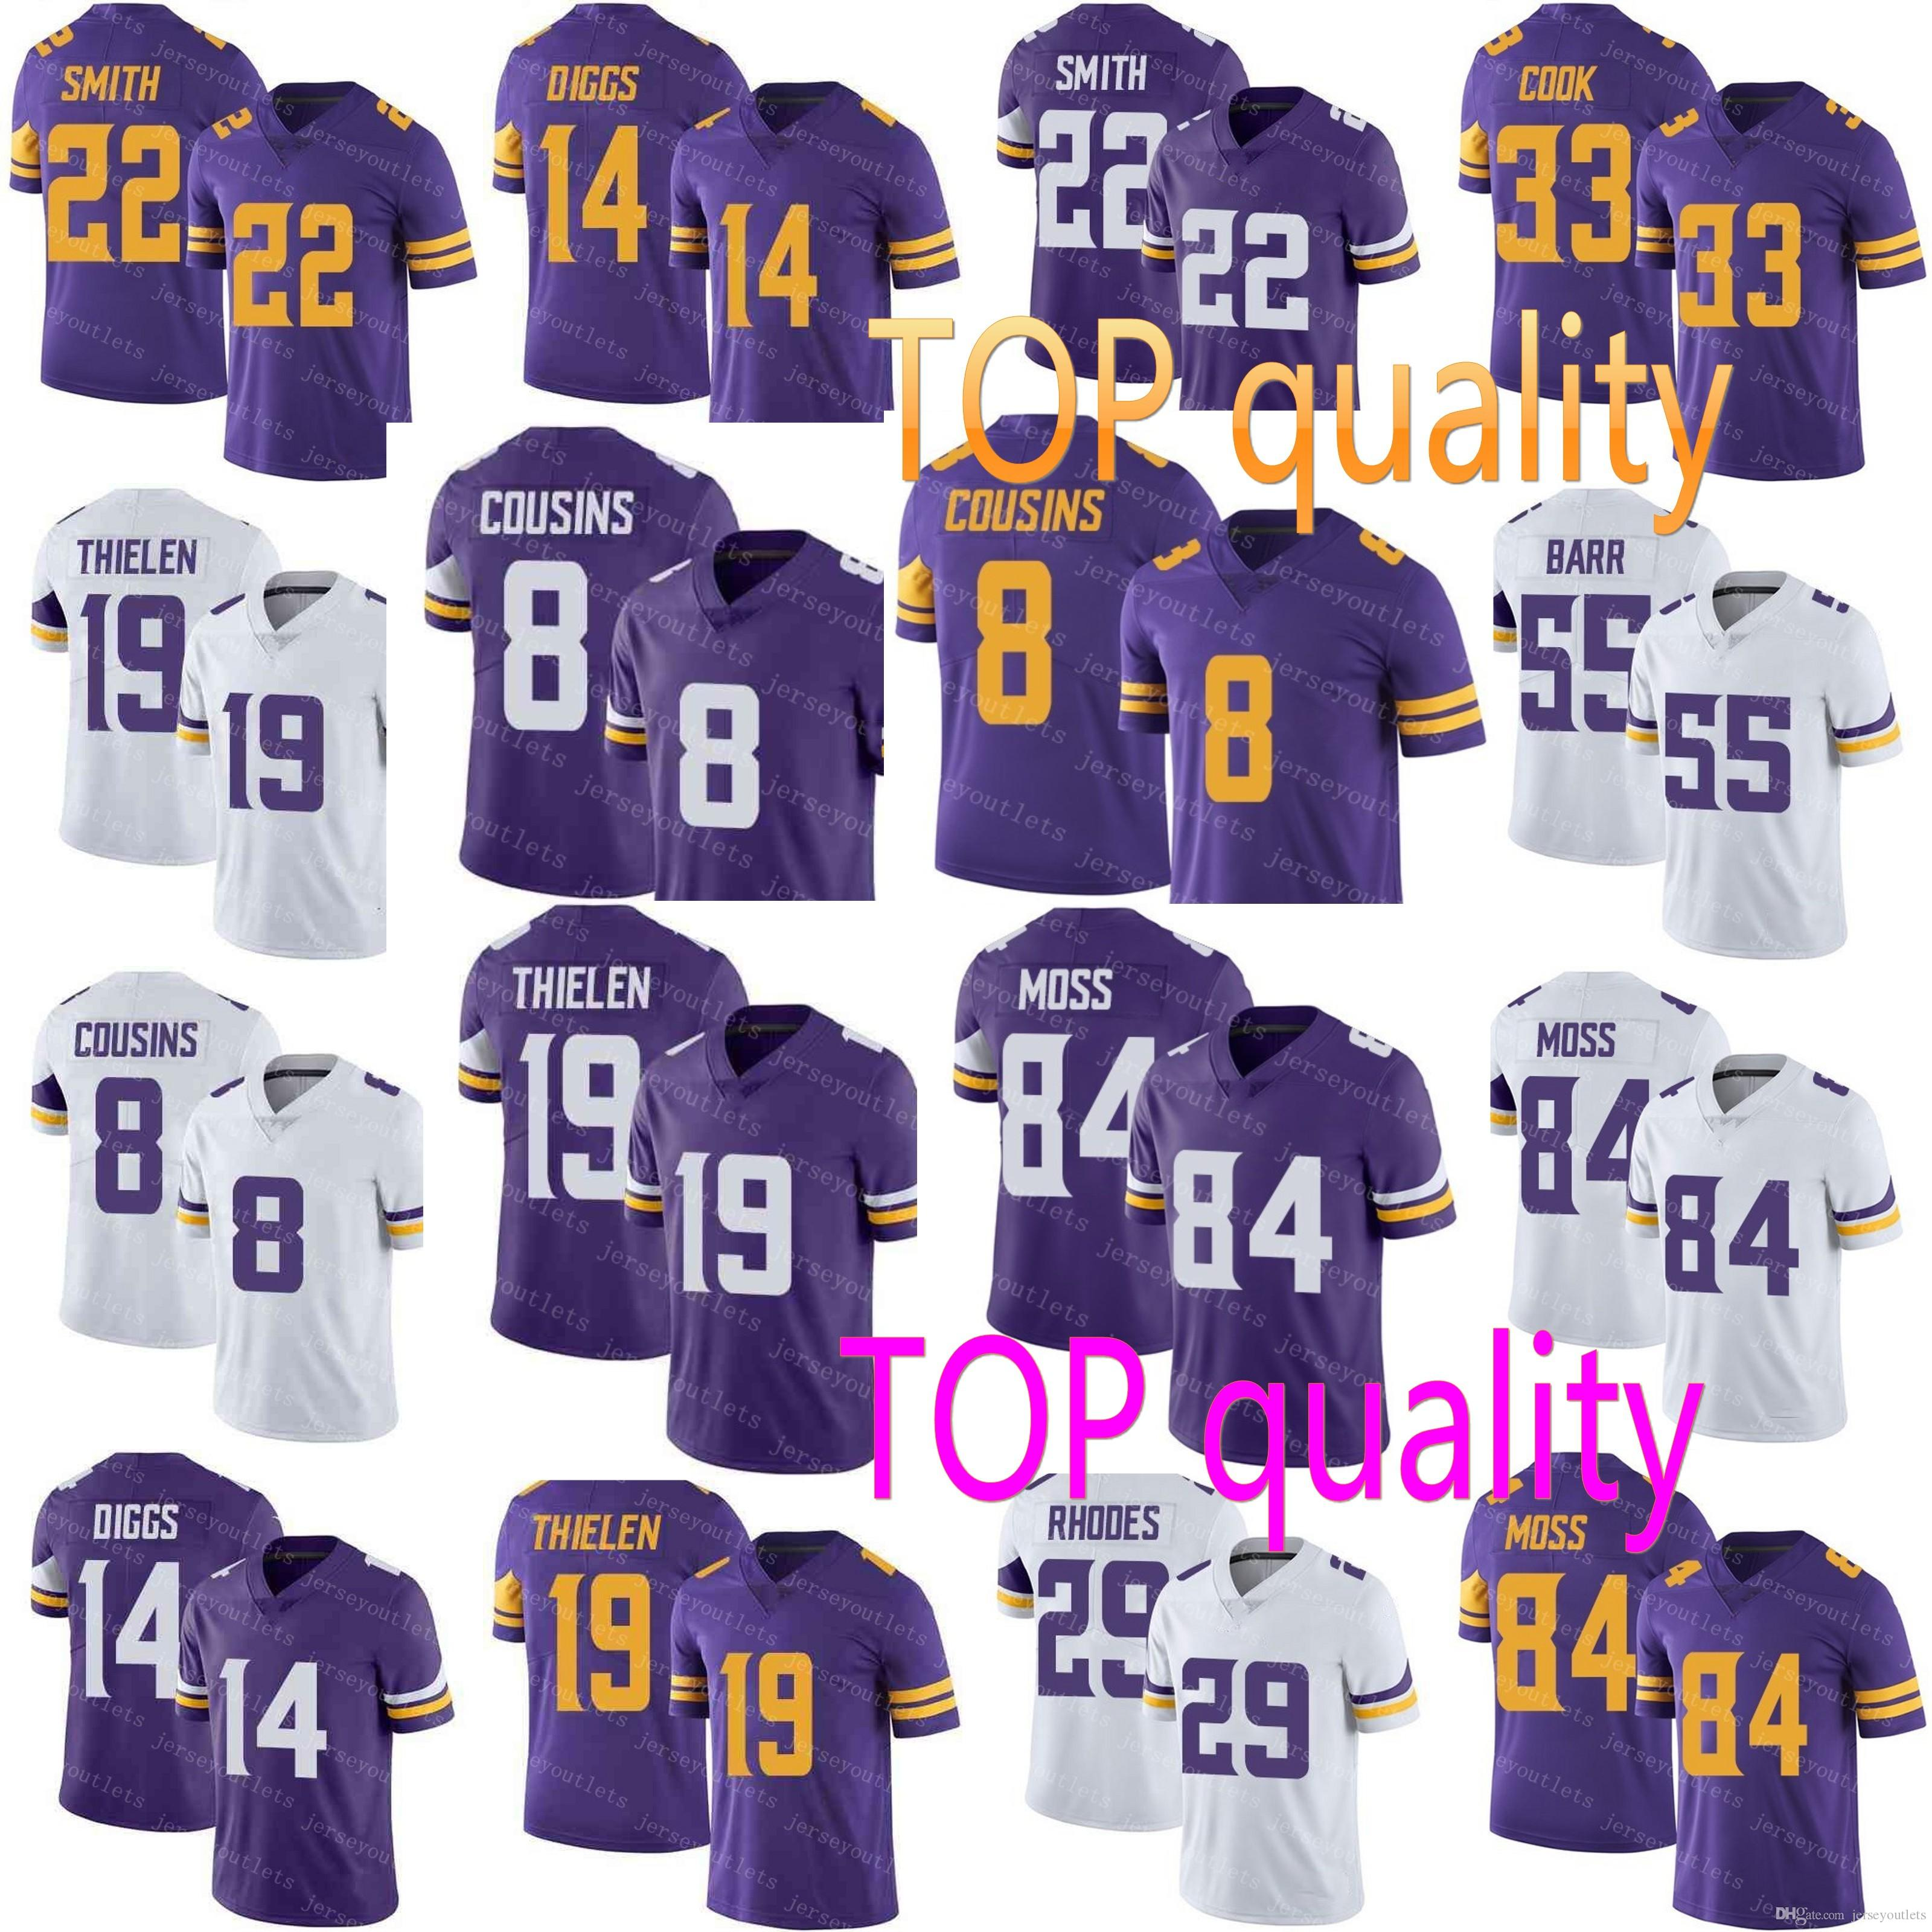 81800b719 2019 2018 Minnesota 8 Kirk Cousins 19 Adam Thielen 14 Stefon Diggs 84 Randy  Moss 29 Rhodes Vikings Jersey 22 Smith 33 Cook 55 Barr Jerseys From ...